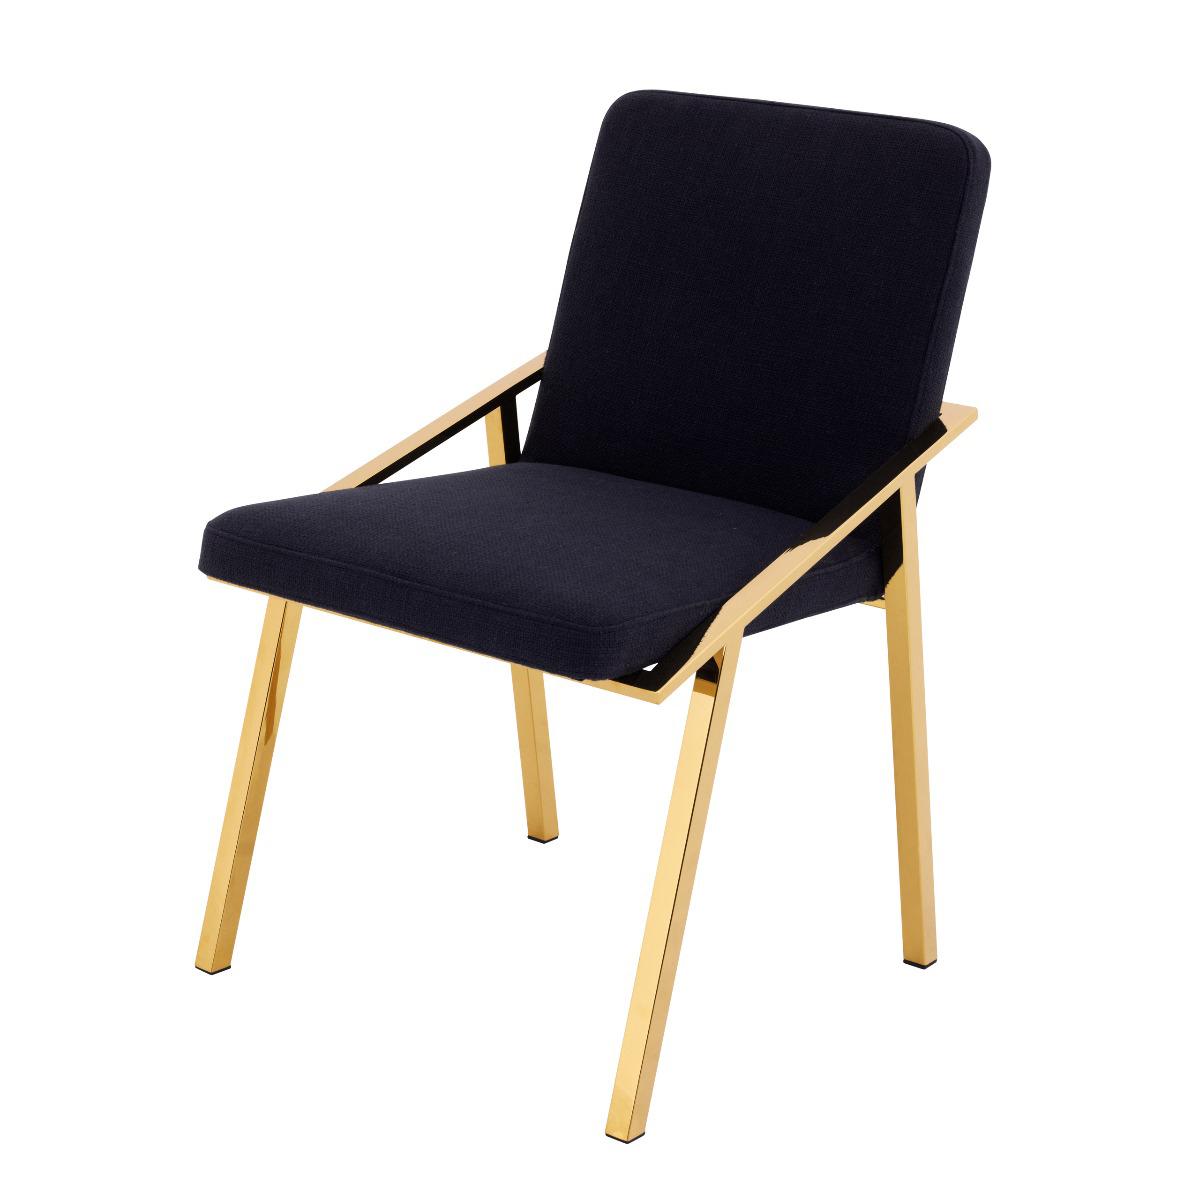 Krzesło Reynolds Gold Finish Panama Black 52x56x81 cm